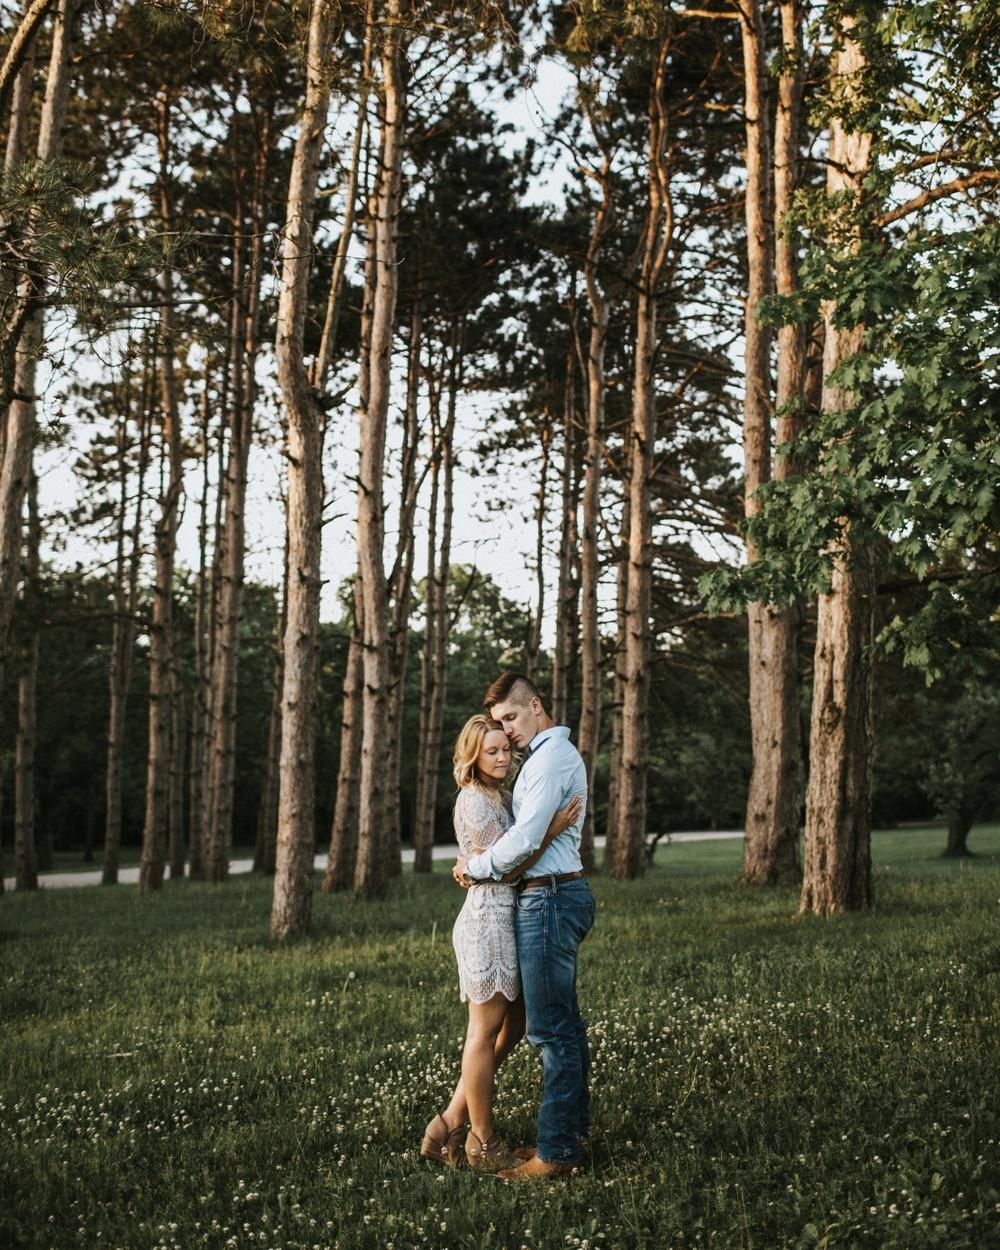 Rockford Illinois Engagement Session _ Nicole Lender Weddings_0027.jpg